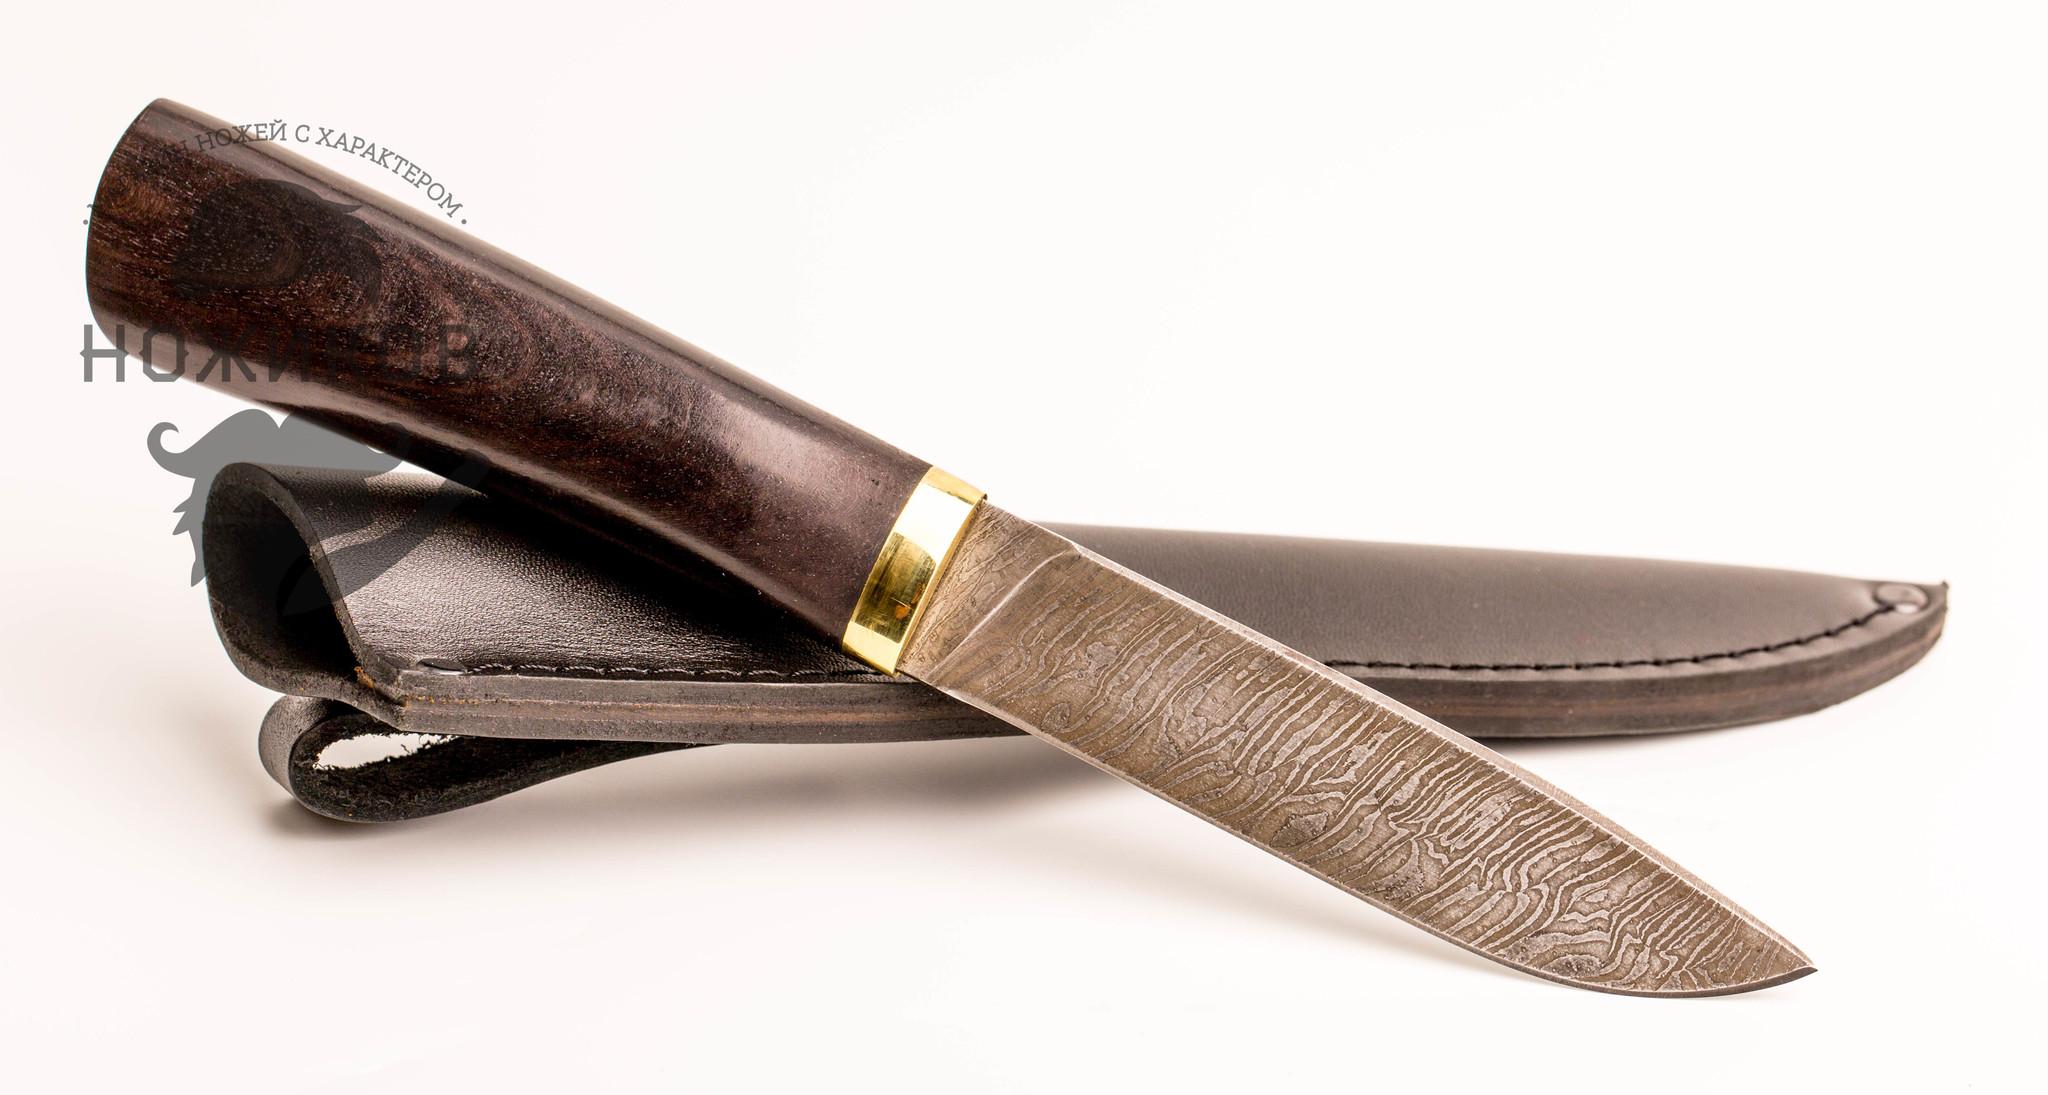 Фото 13 - Нож Тайга, дамасская сталь от Промтехснаб